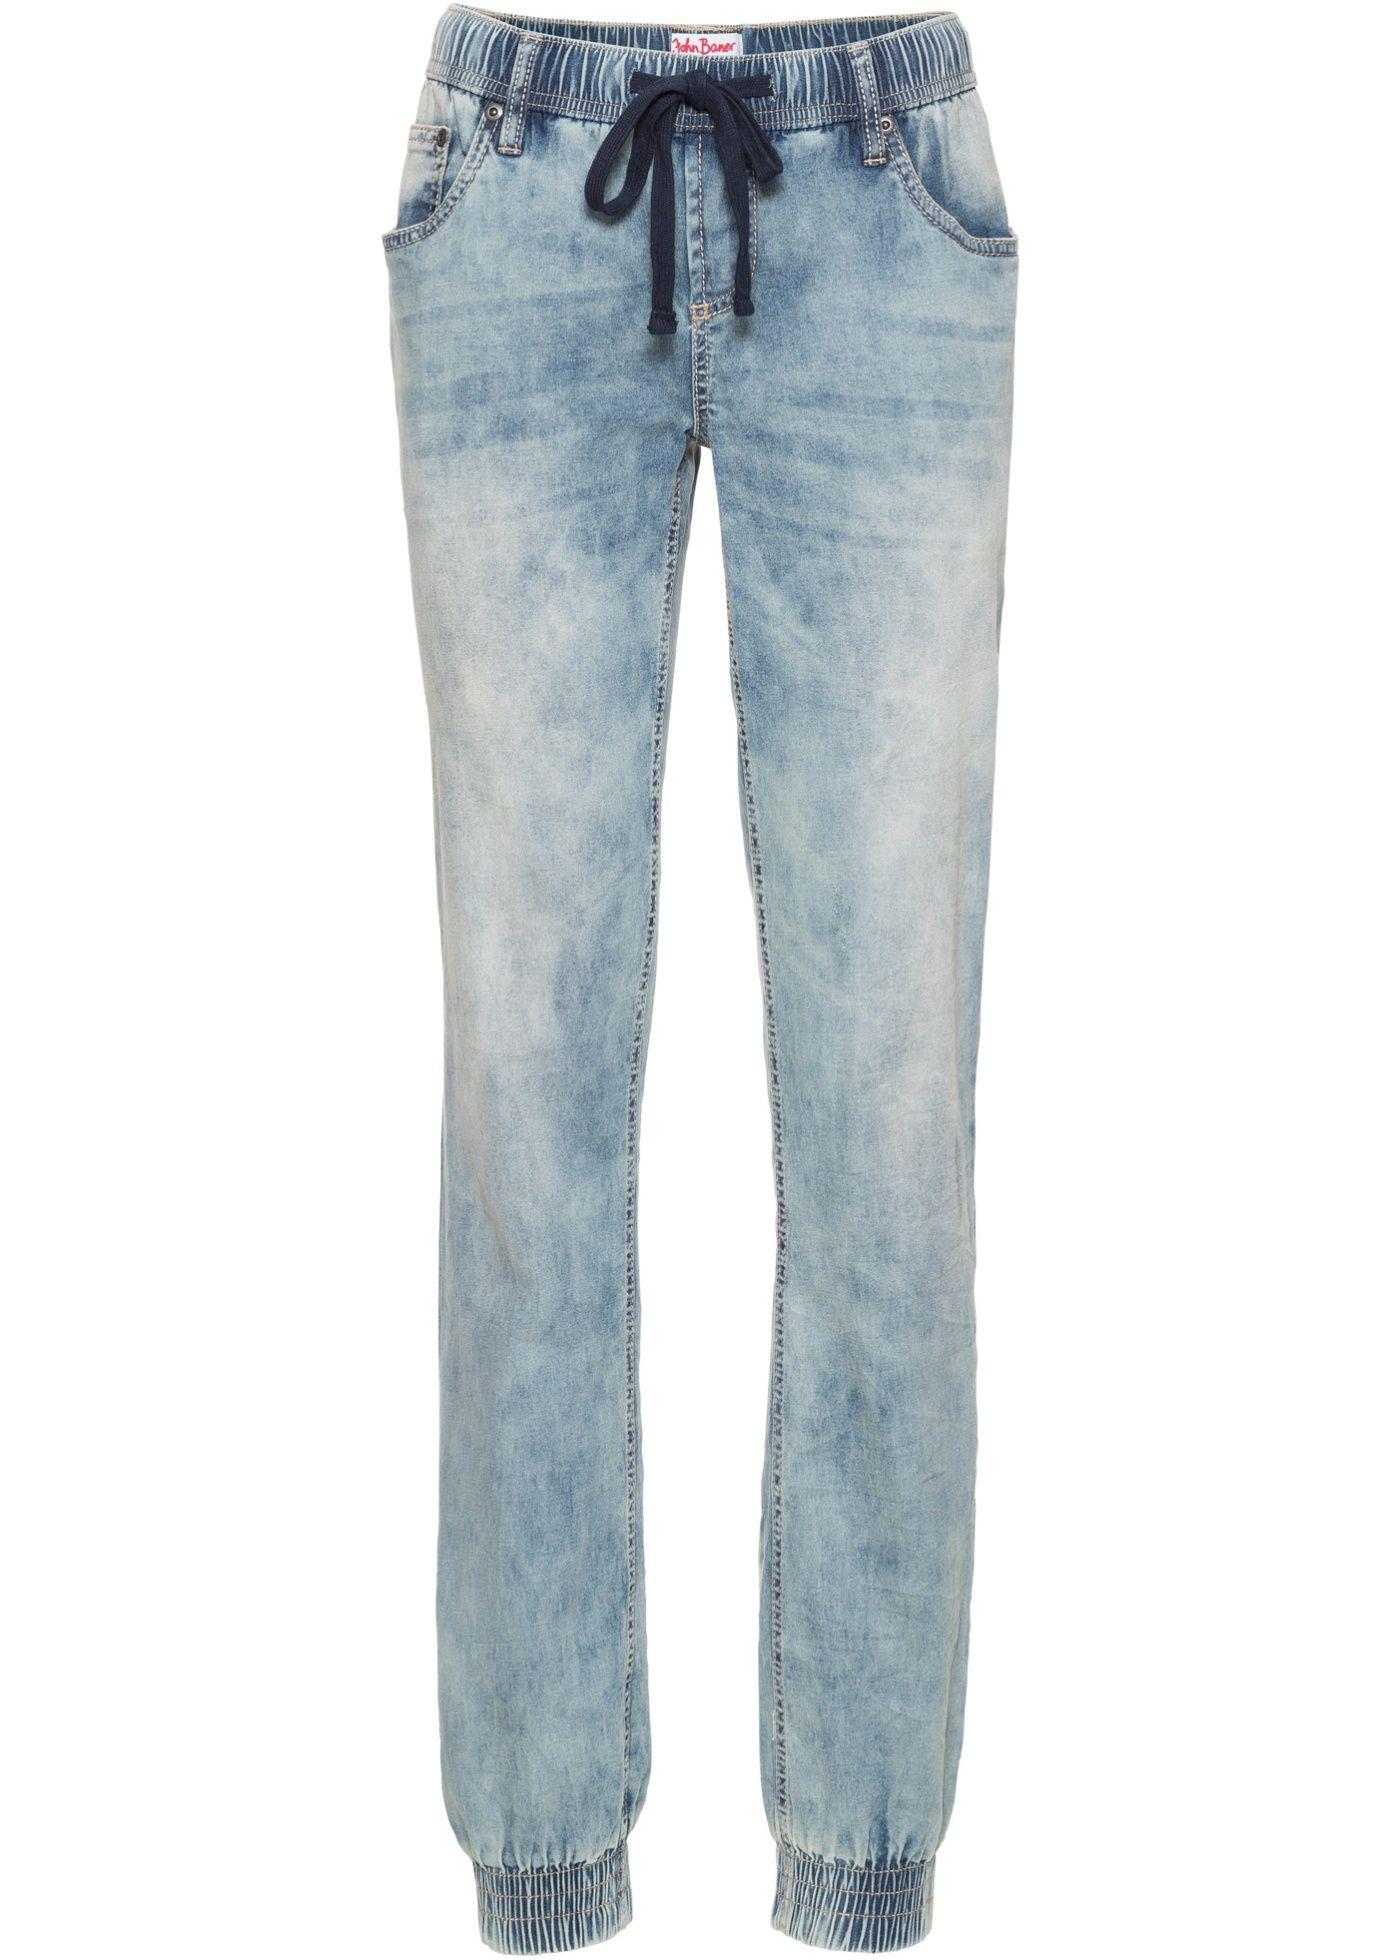 Strečové džíny bez zapínání COMFORT f8f2db2ce0d